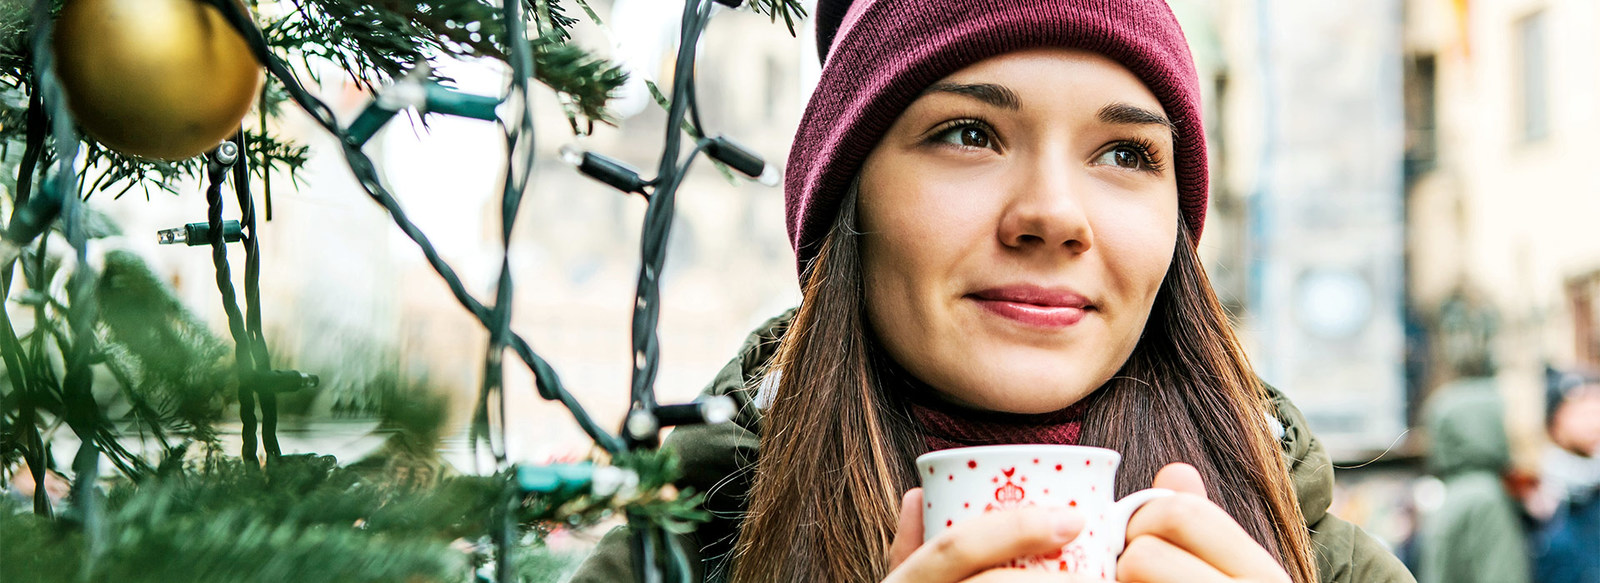 La magia del Natale a Innsbruck con degustazione di vin brulè e tazza in omaggio